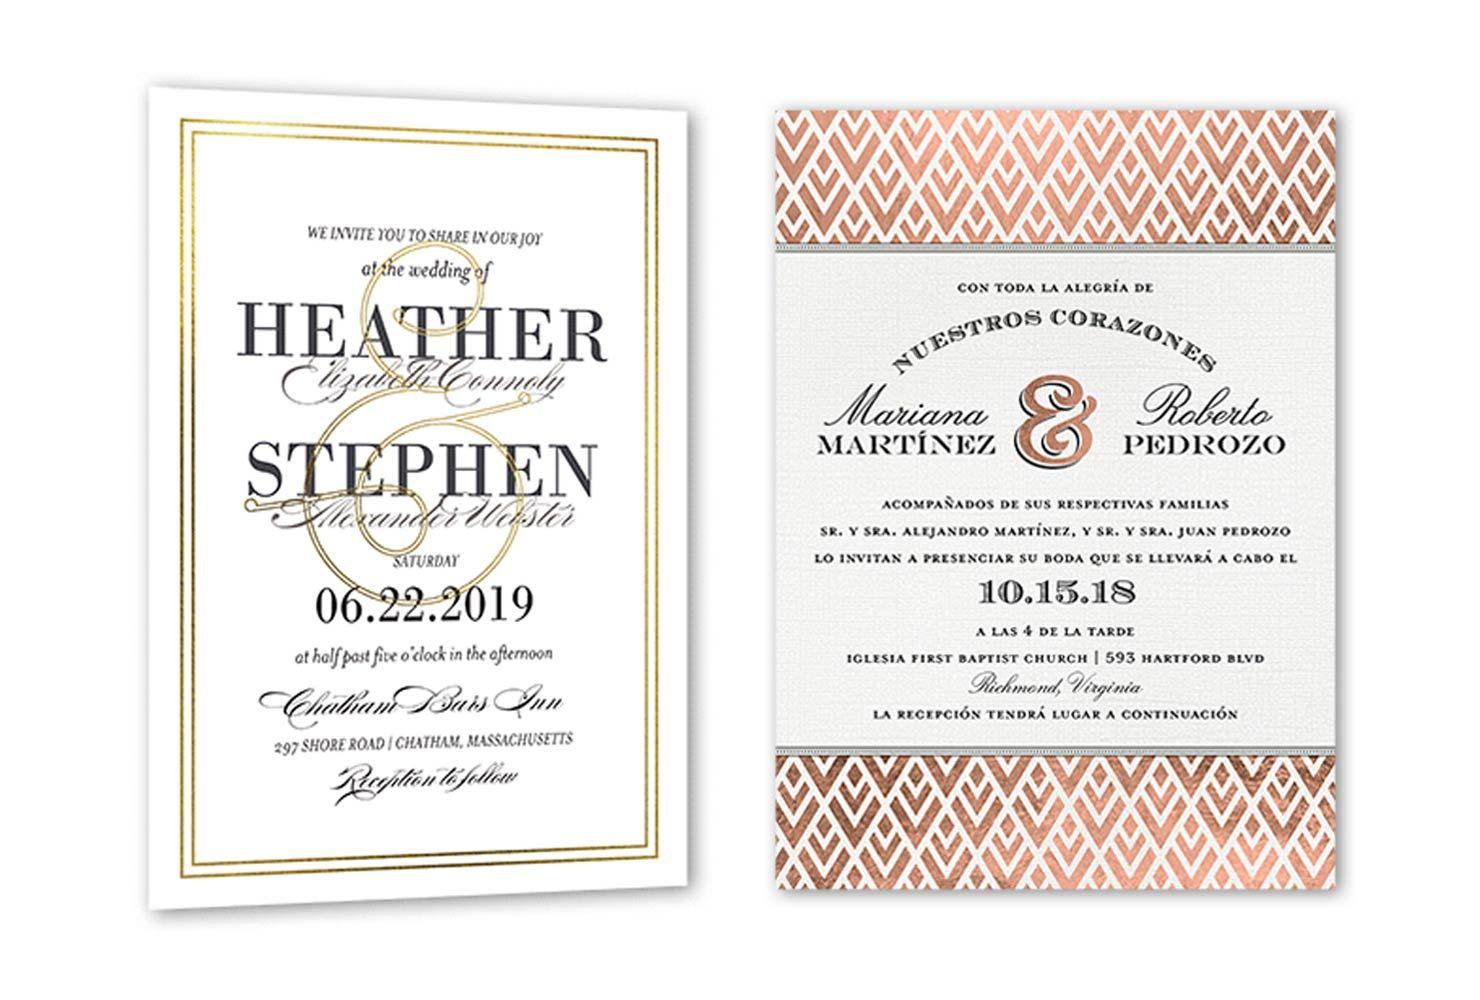 35 Wedding Invitation Wording Examples 2020 Shutterfly Throughout Church Weddi In 2020 Wedding Invitation Message Wedding Invitation Text Wedding Invitation Wording